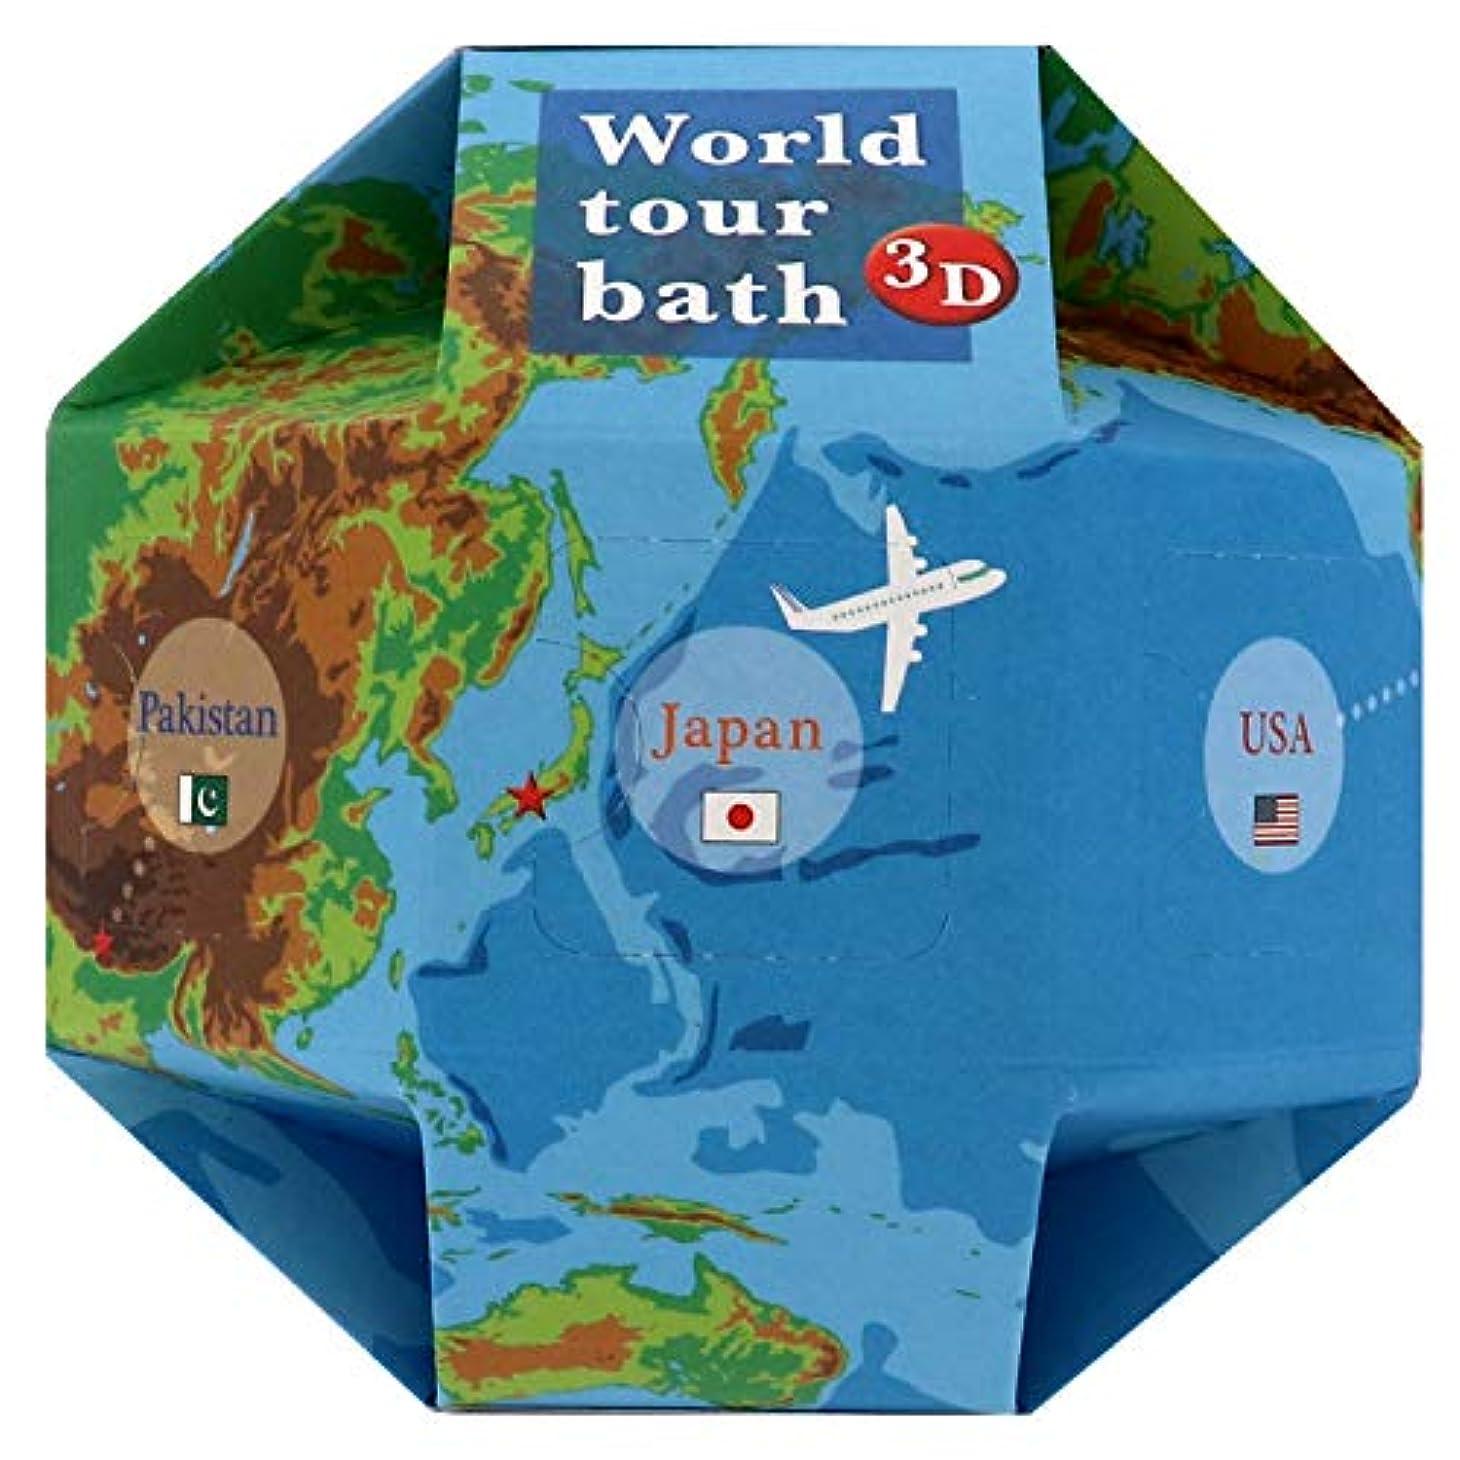 ディスパッチ影響力のあるジェムジーピークリエイツ ワールドツアーバス 3D バスソルト 25g×7包